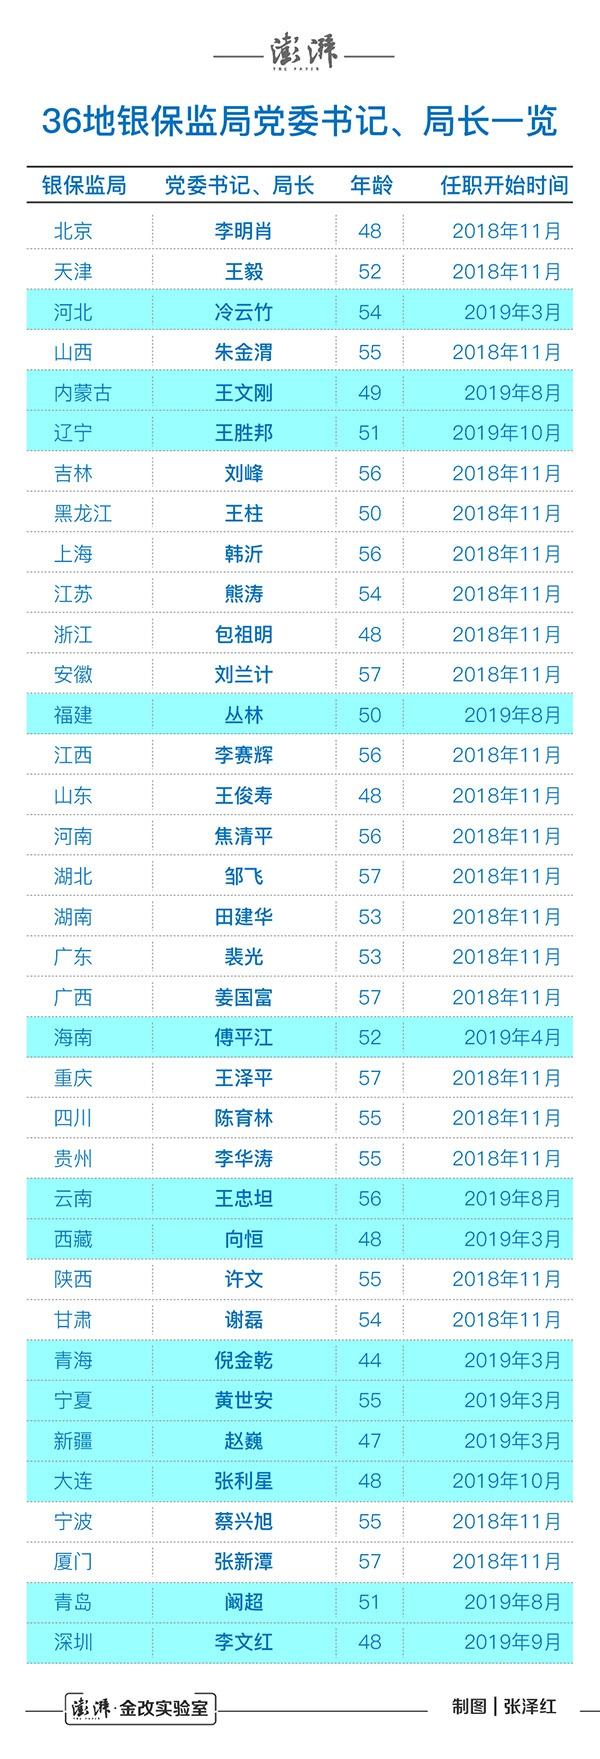 今年有13省市银保监局局长变动 3人转非领导职务|青海|宁夏